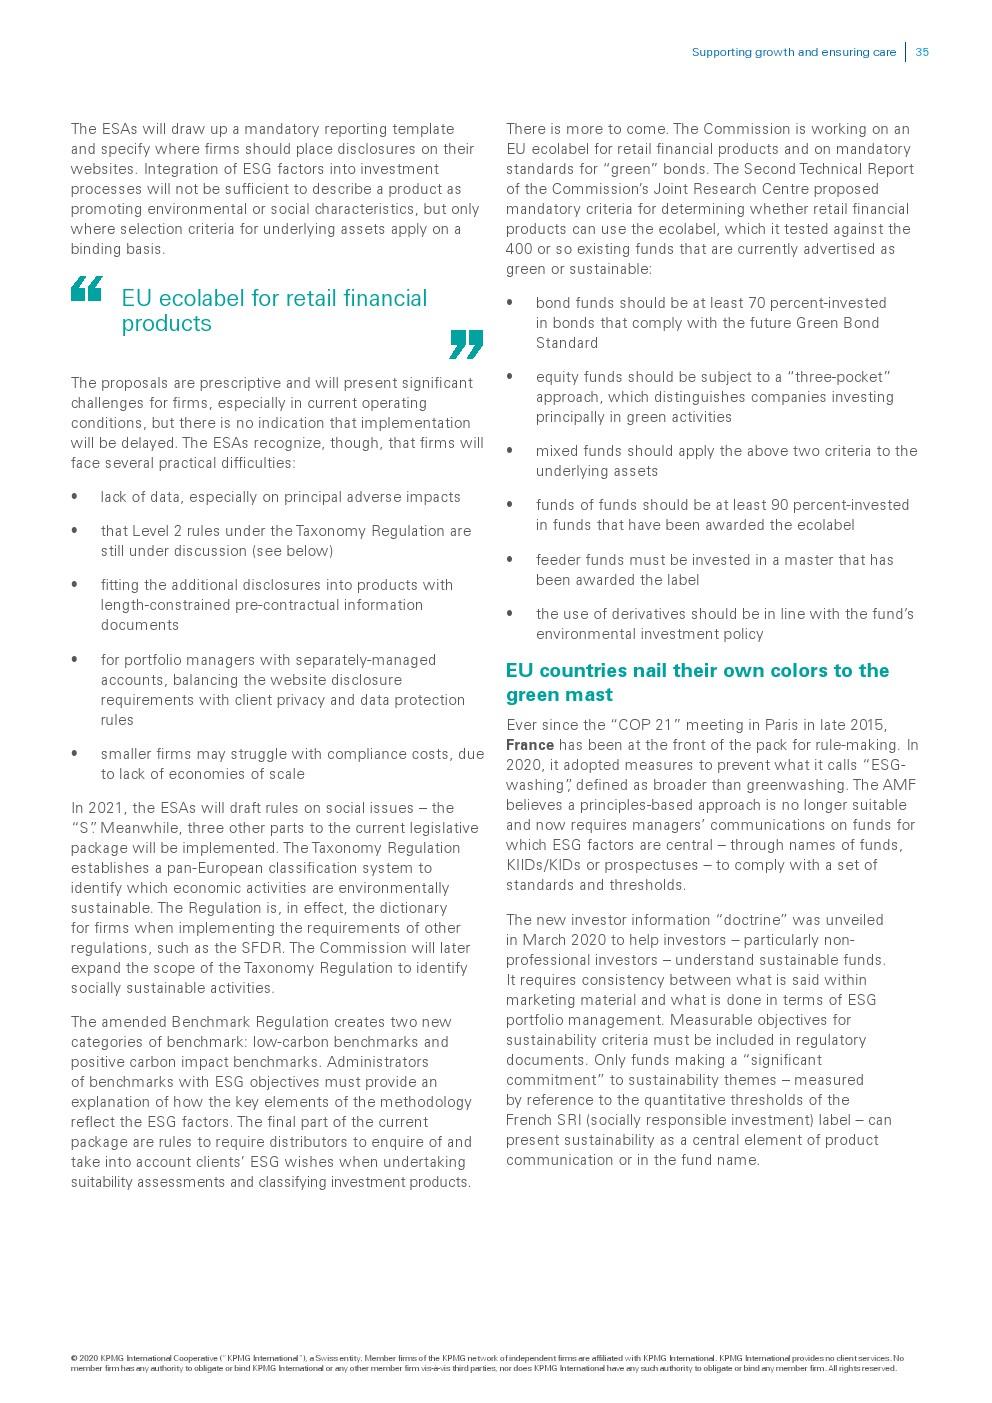 资产管理报告:支持增长并确保关照